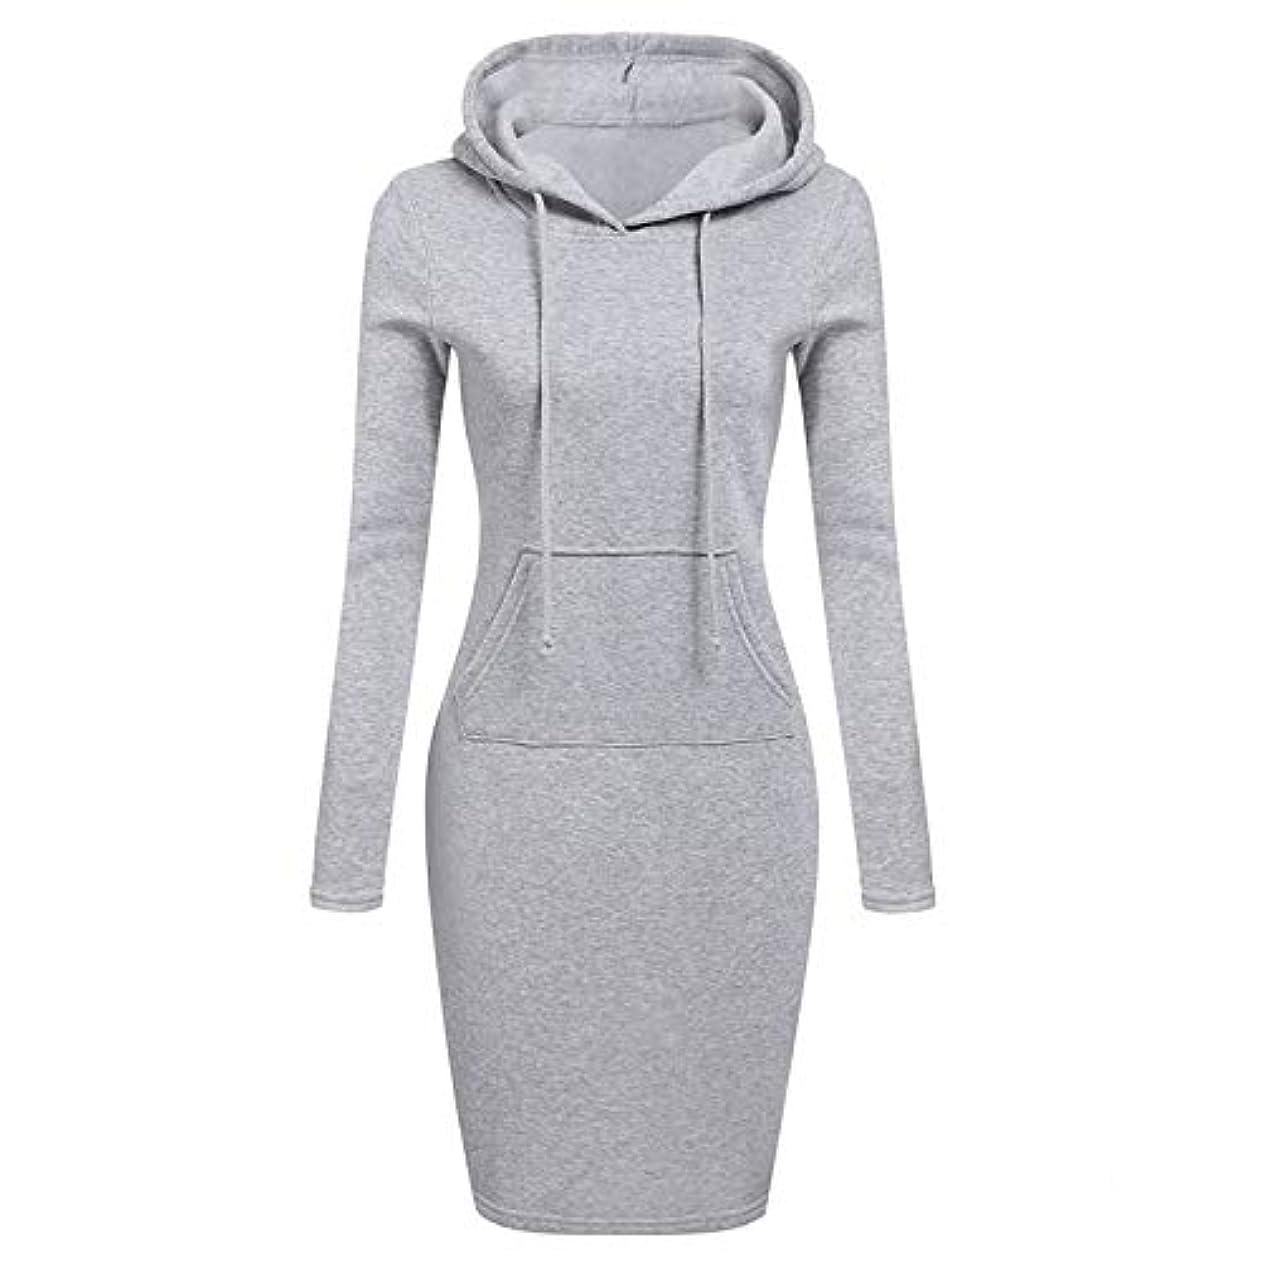 ワックス後ろに優越Onderroa - ファッションフード付き巾着フリースの女性のドレス秋冬はドレス女性Vestidosパーカースウェットシャツドレスを温めます